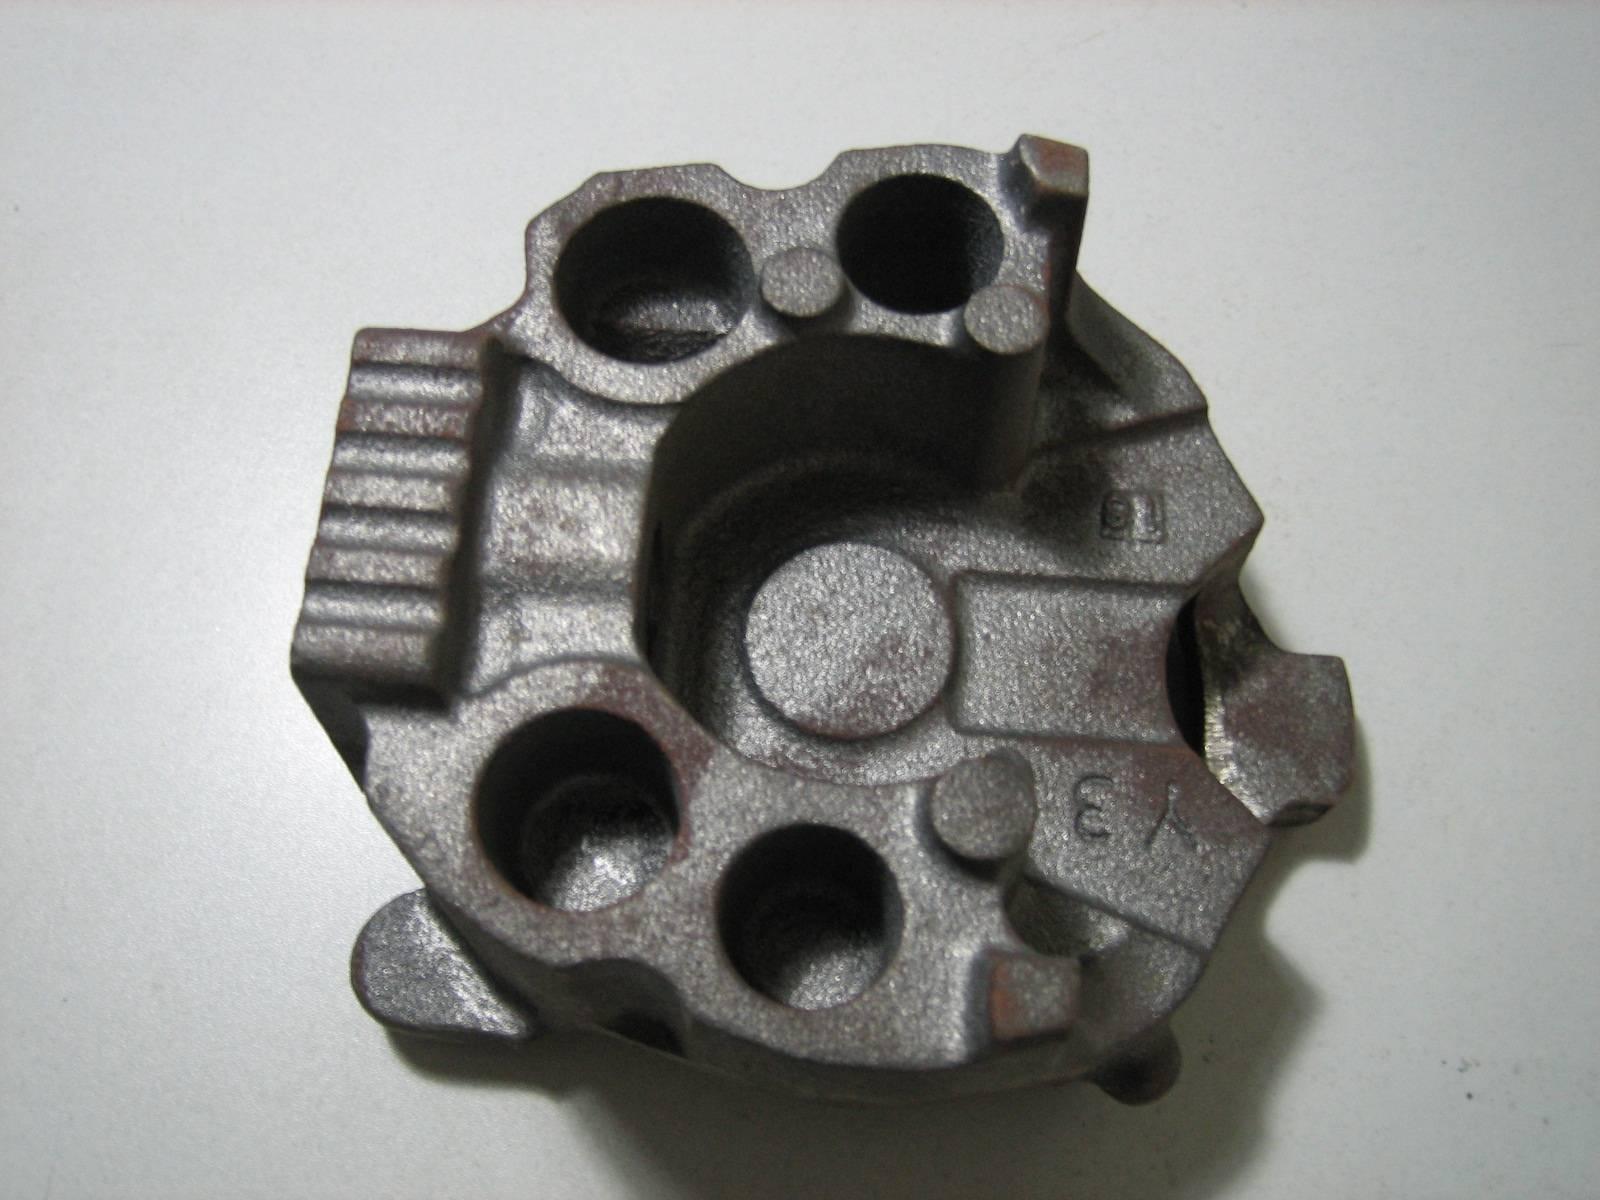 ductile_iron_casting_IMG_0352.jpg